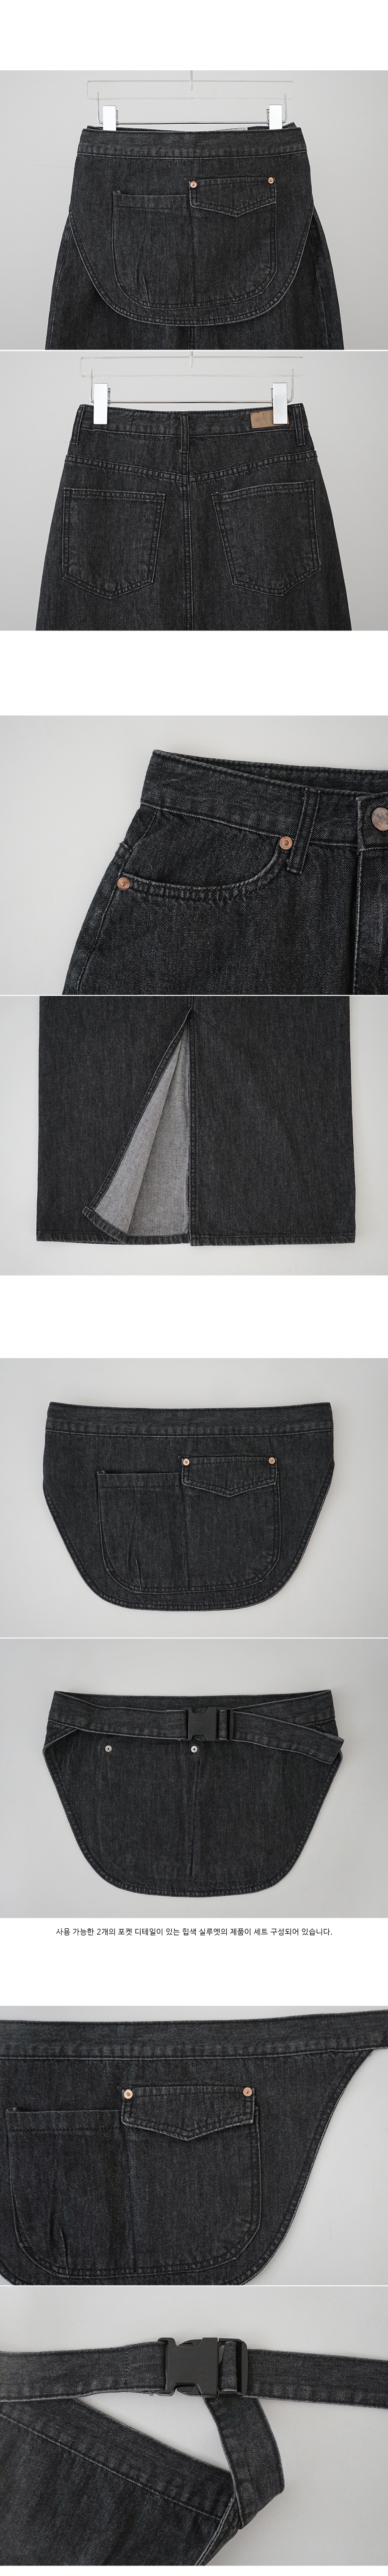 hip-sack denim H skirt